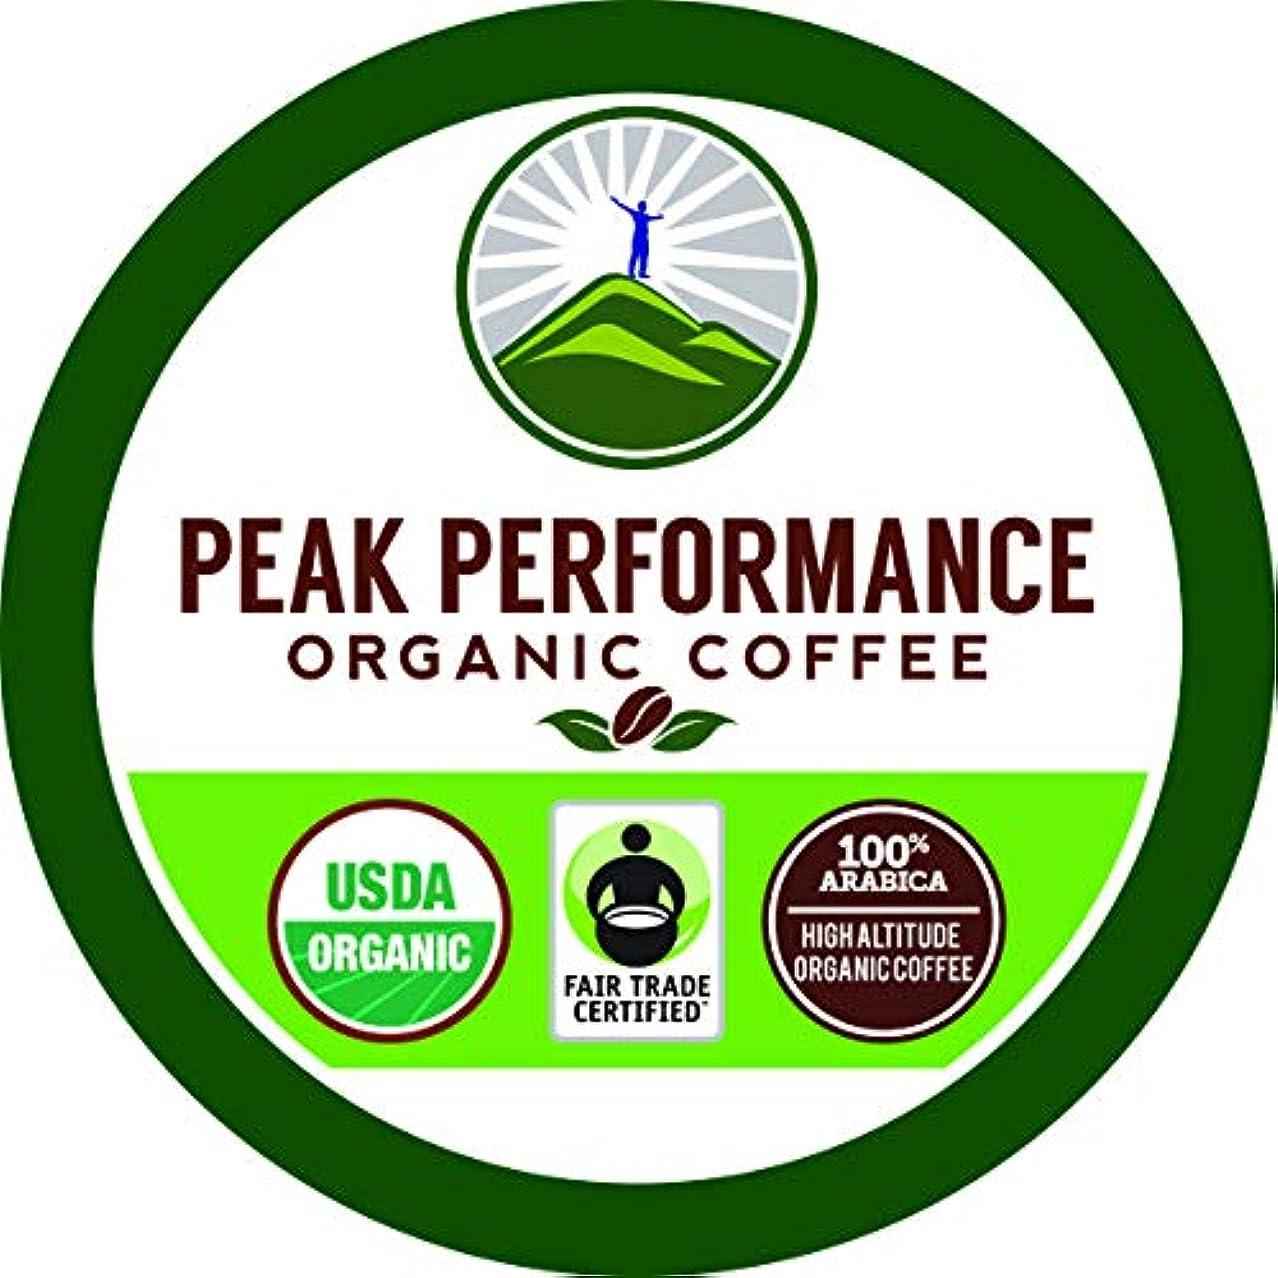 タブレット穿孔するカーフ最高のパフォーマンスの高度有機コーヒー。 高性能なボディ&マインドコーヒー 高性能の個性。 Fair Trade Beans 米国農薬局フルオブ抗酸化物質 オーガニック ミディアムロースト シングルサーブ Kカップ 24-Count PPKCUP24